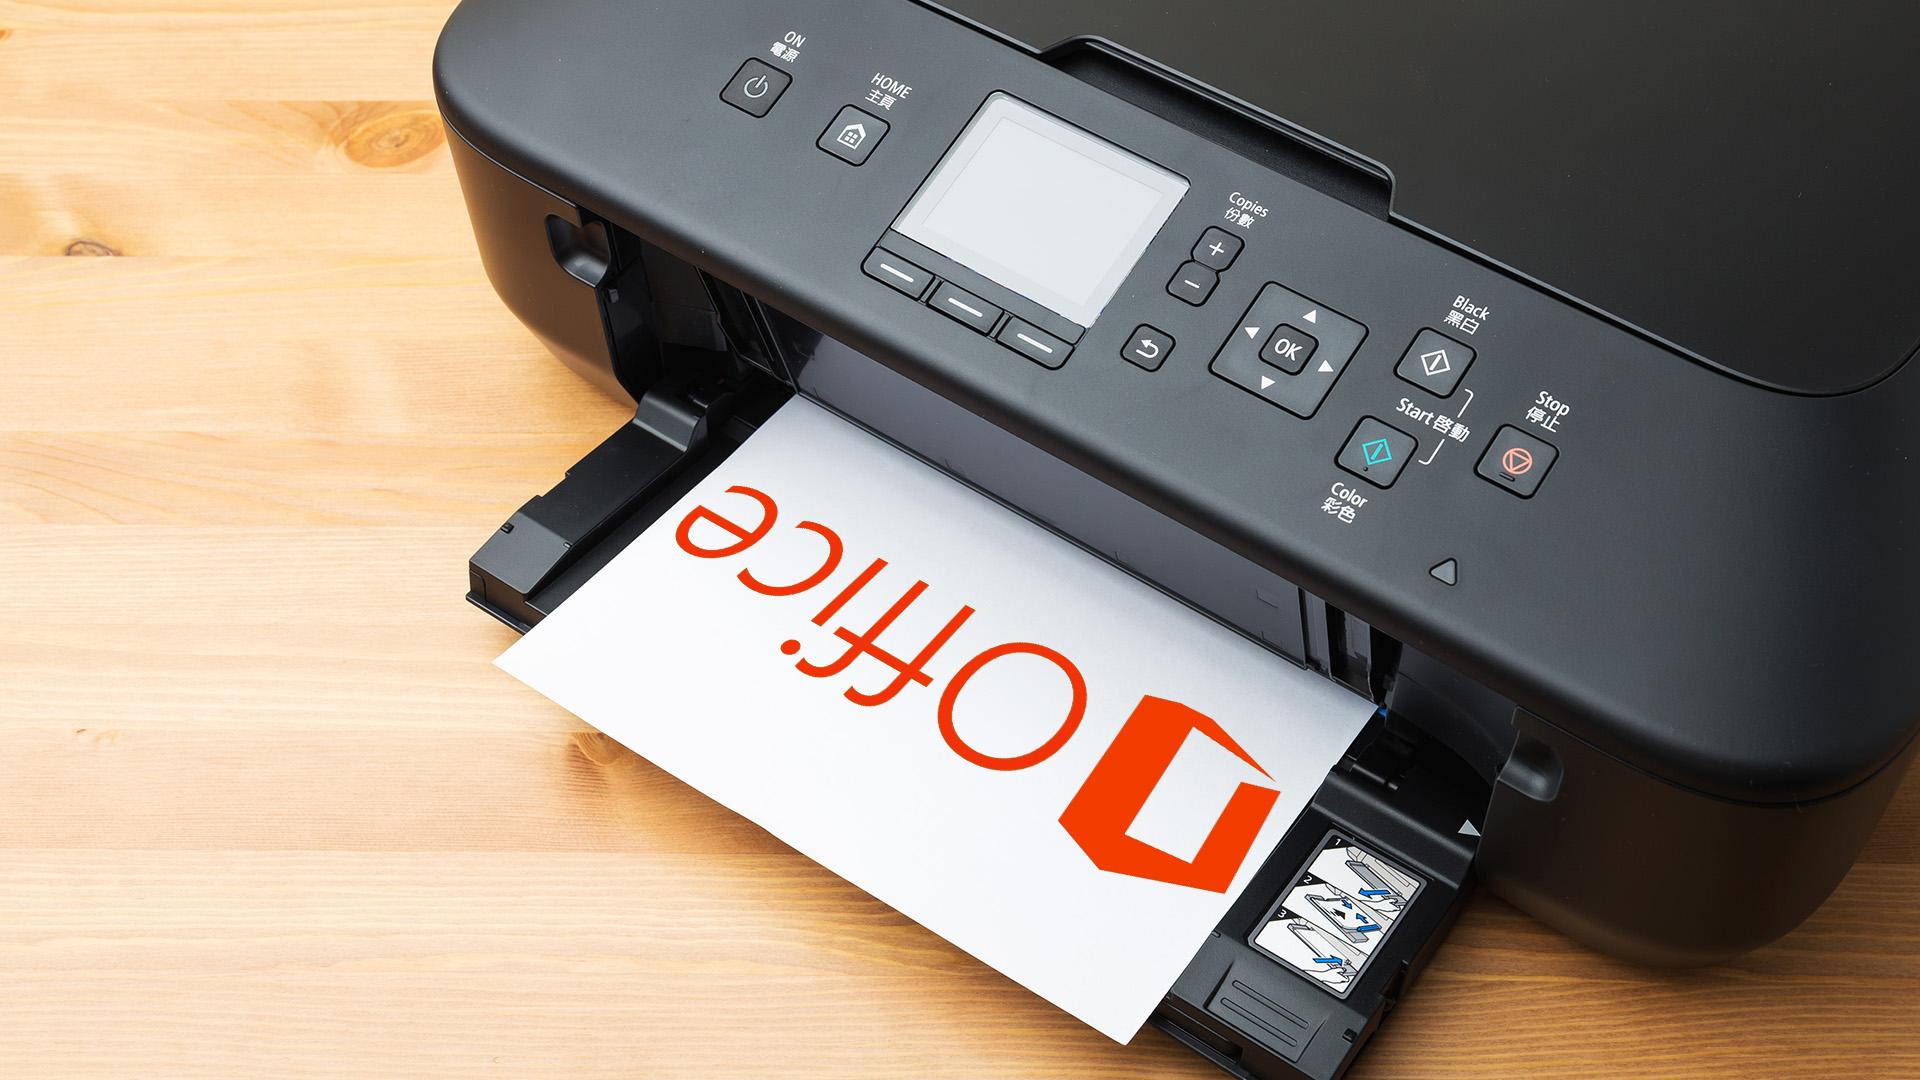 Từ 1/5, cho phép sử dụng máy photocopy màu để kinh doanh